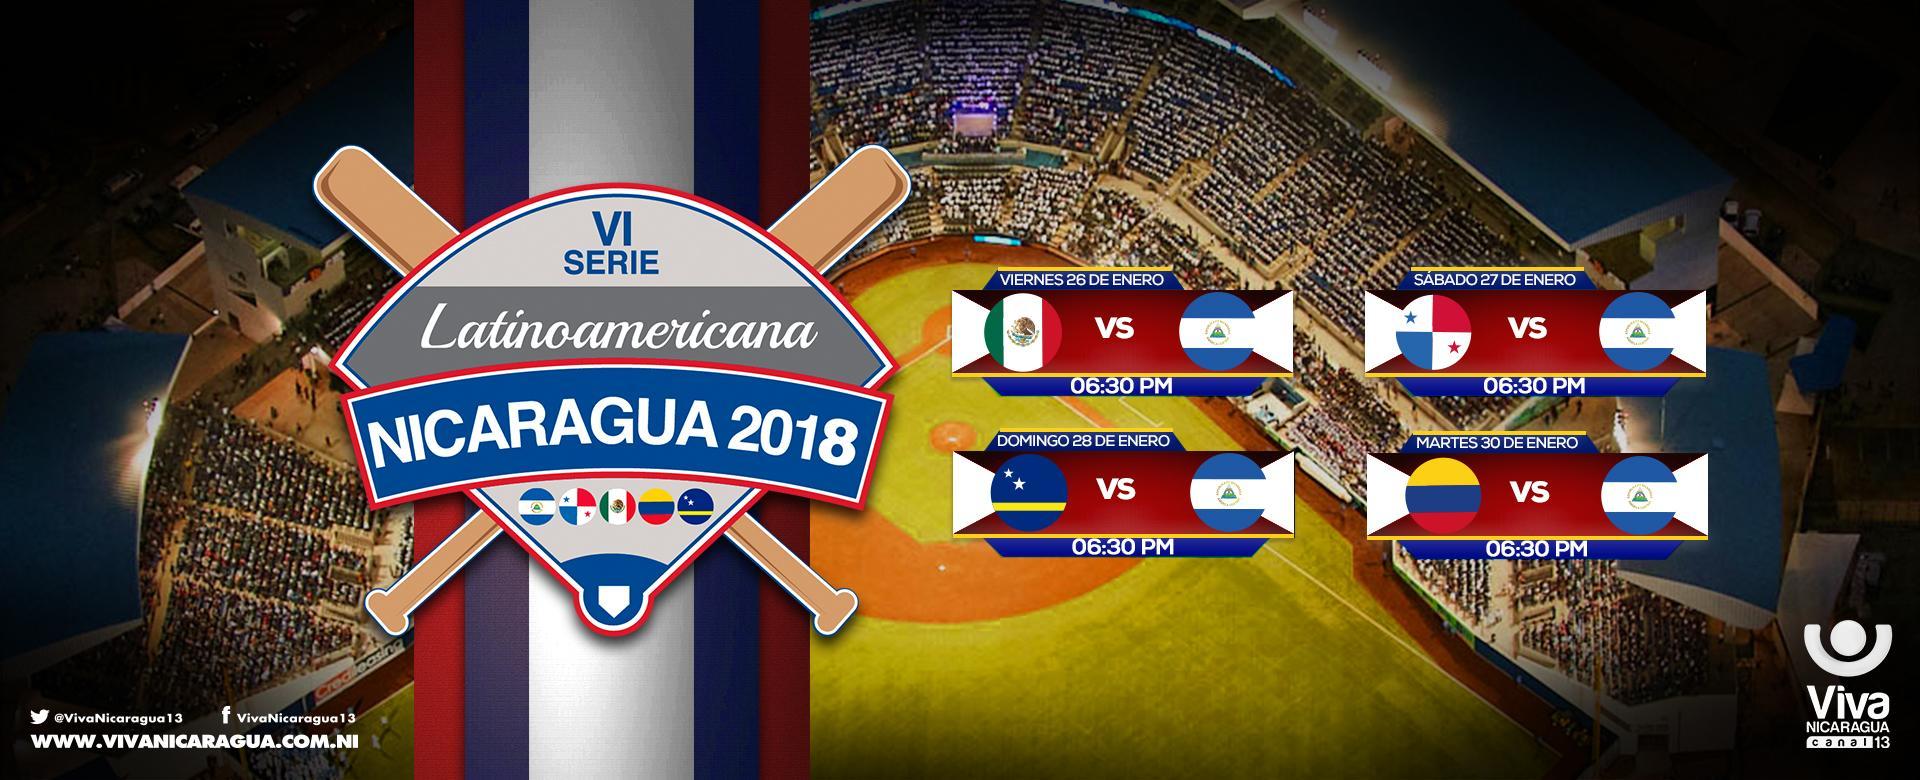 VI Serie Latinoamericana Nicaragua 2018